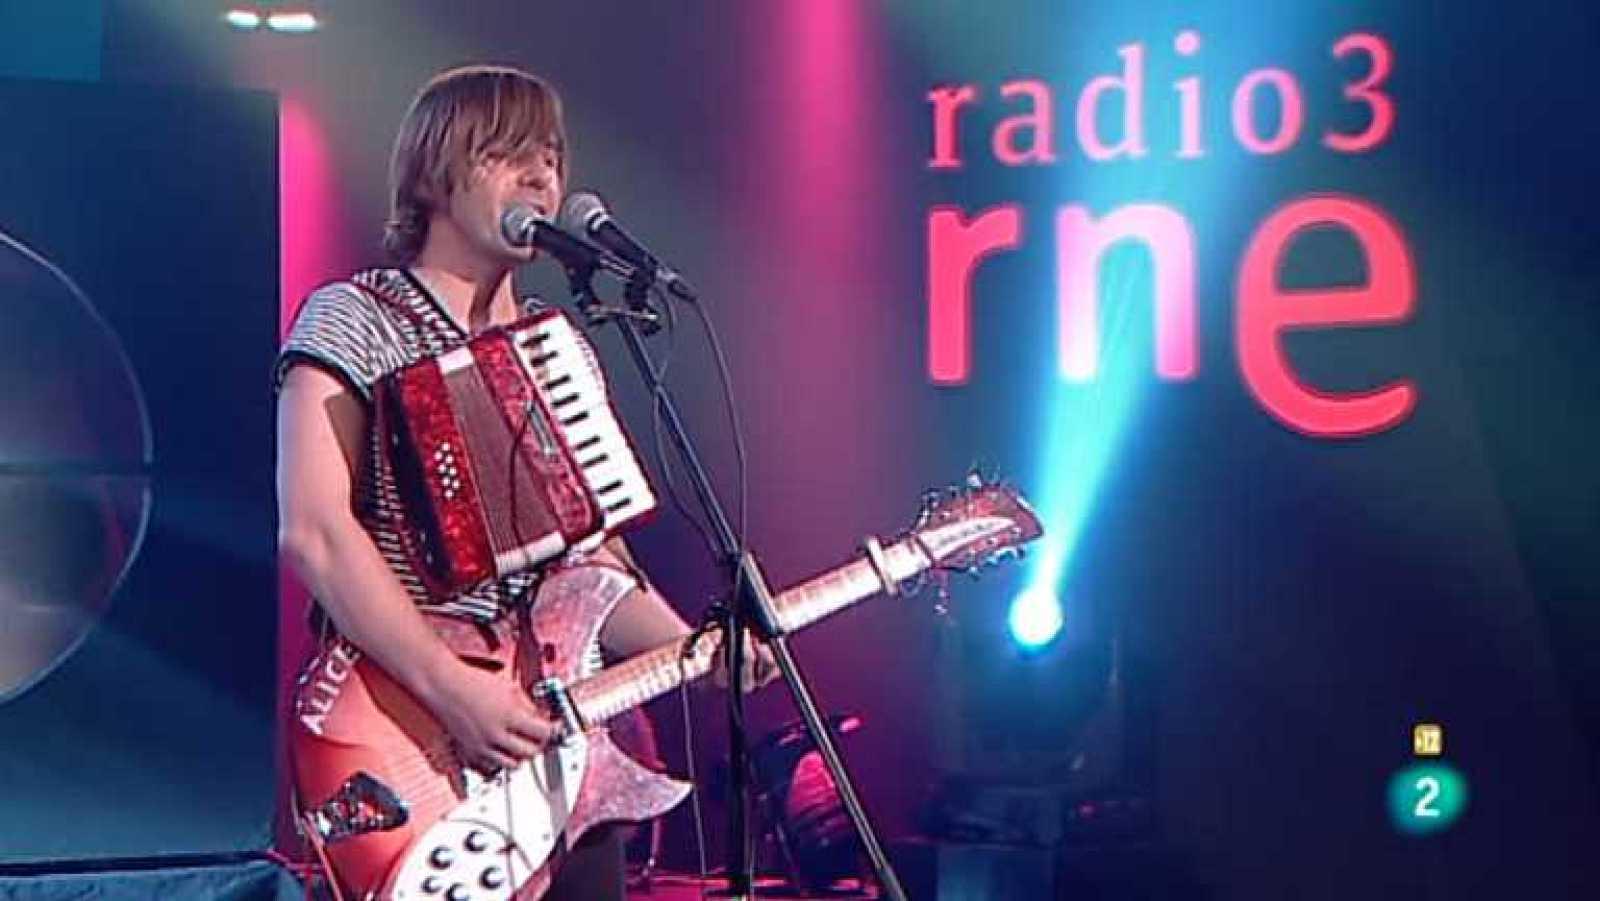 Los conciertos de Radio 3 - L' avalanche - ver ahora